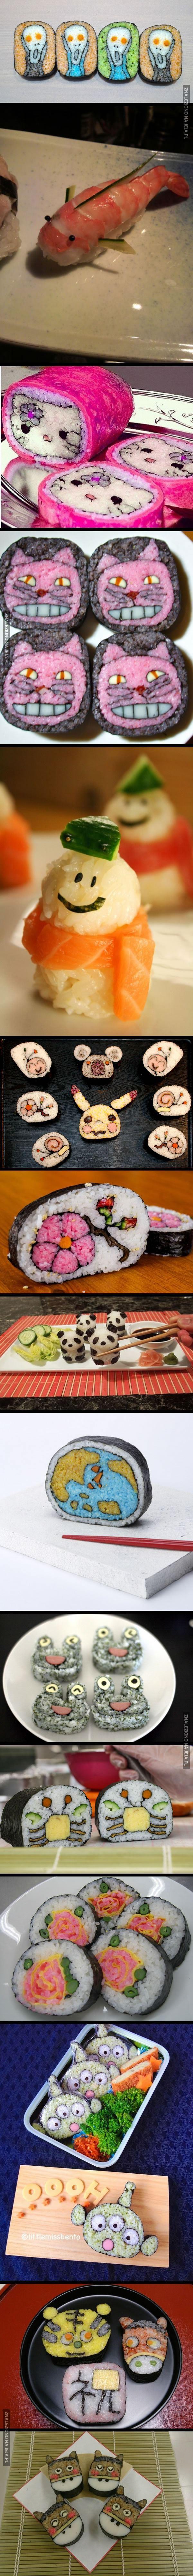 Sztuka sushi